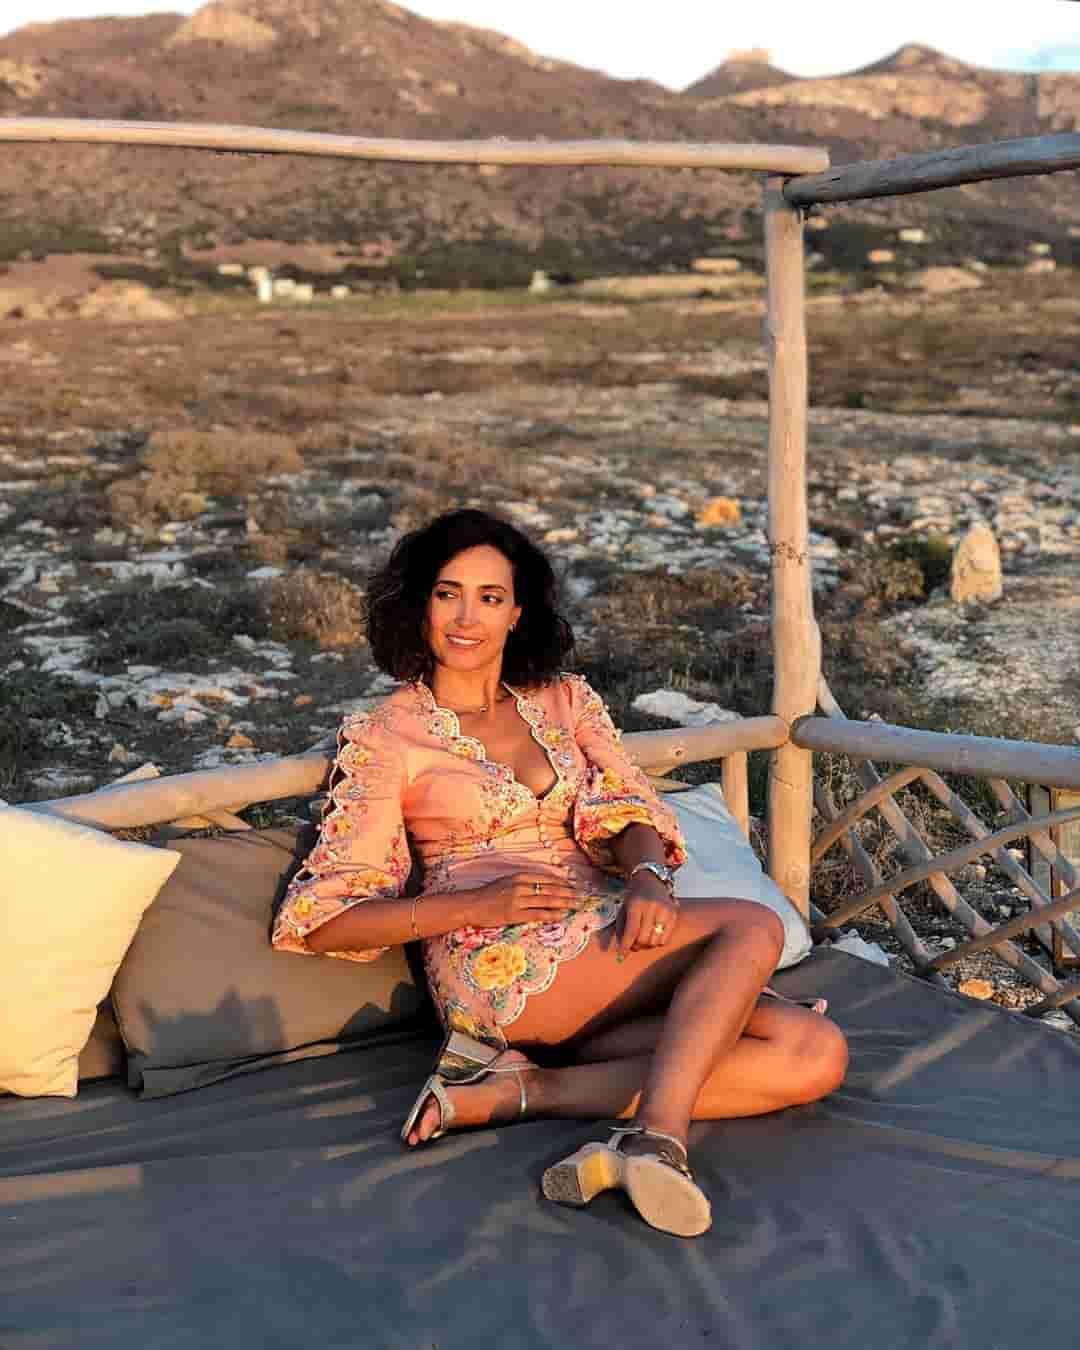 Caterina Balivo e le cozze: il dettaglio che non sfugge ai fan